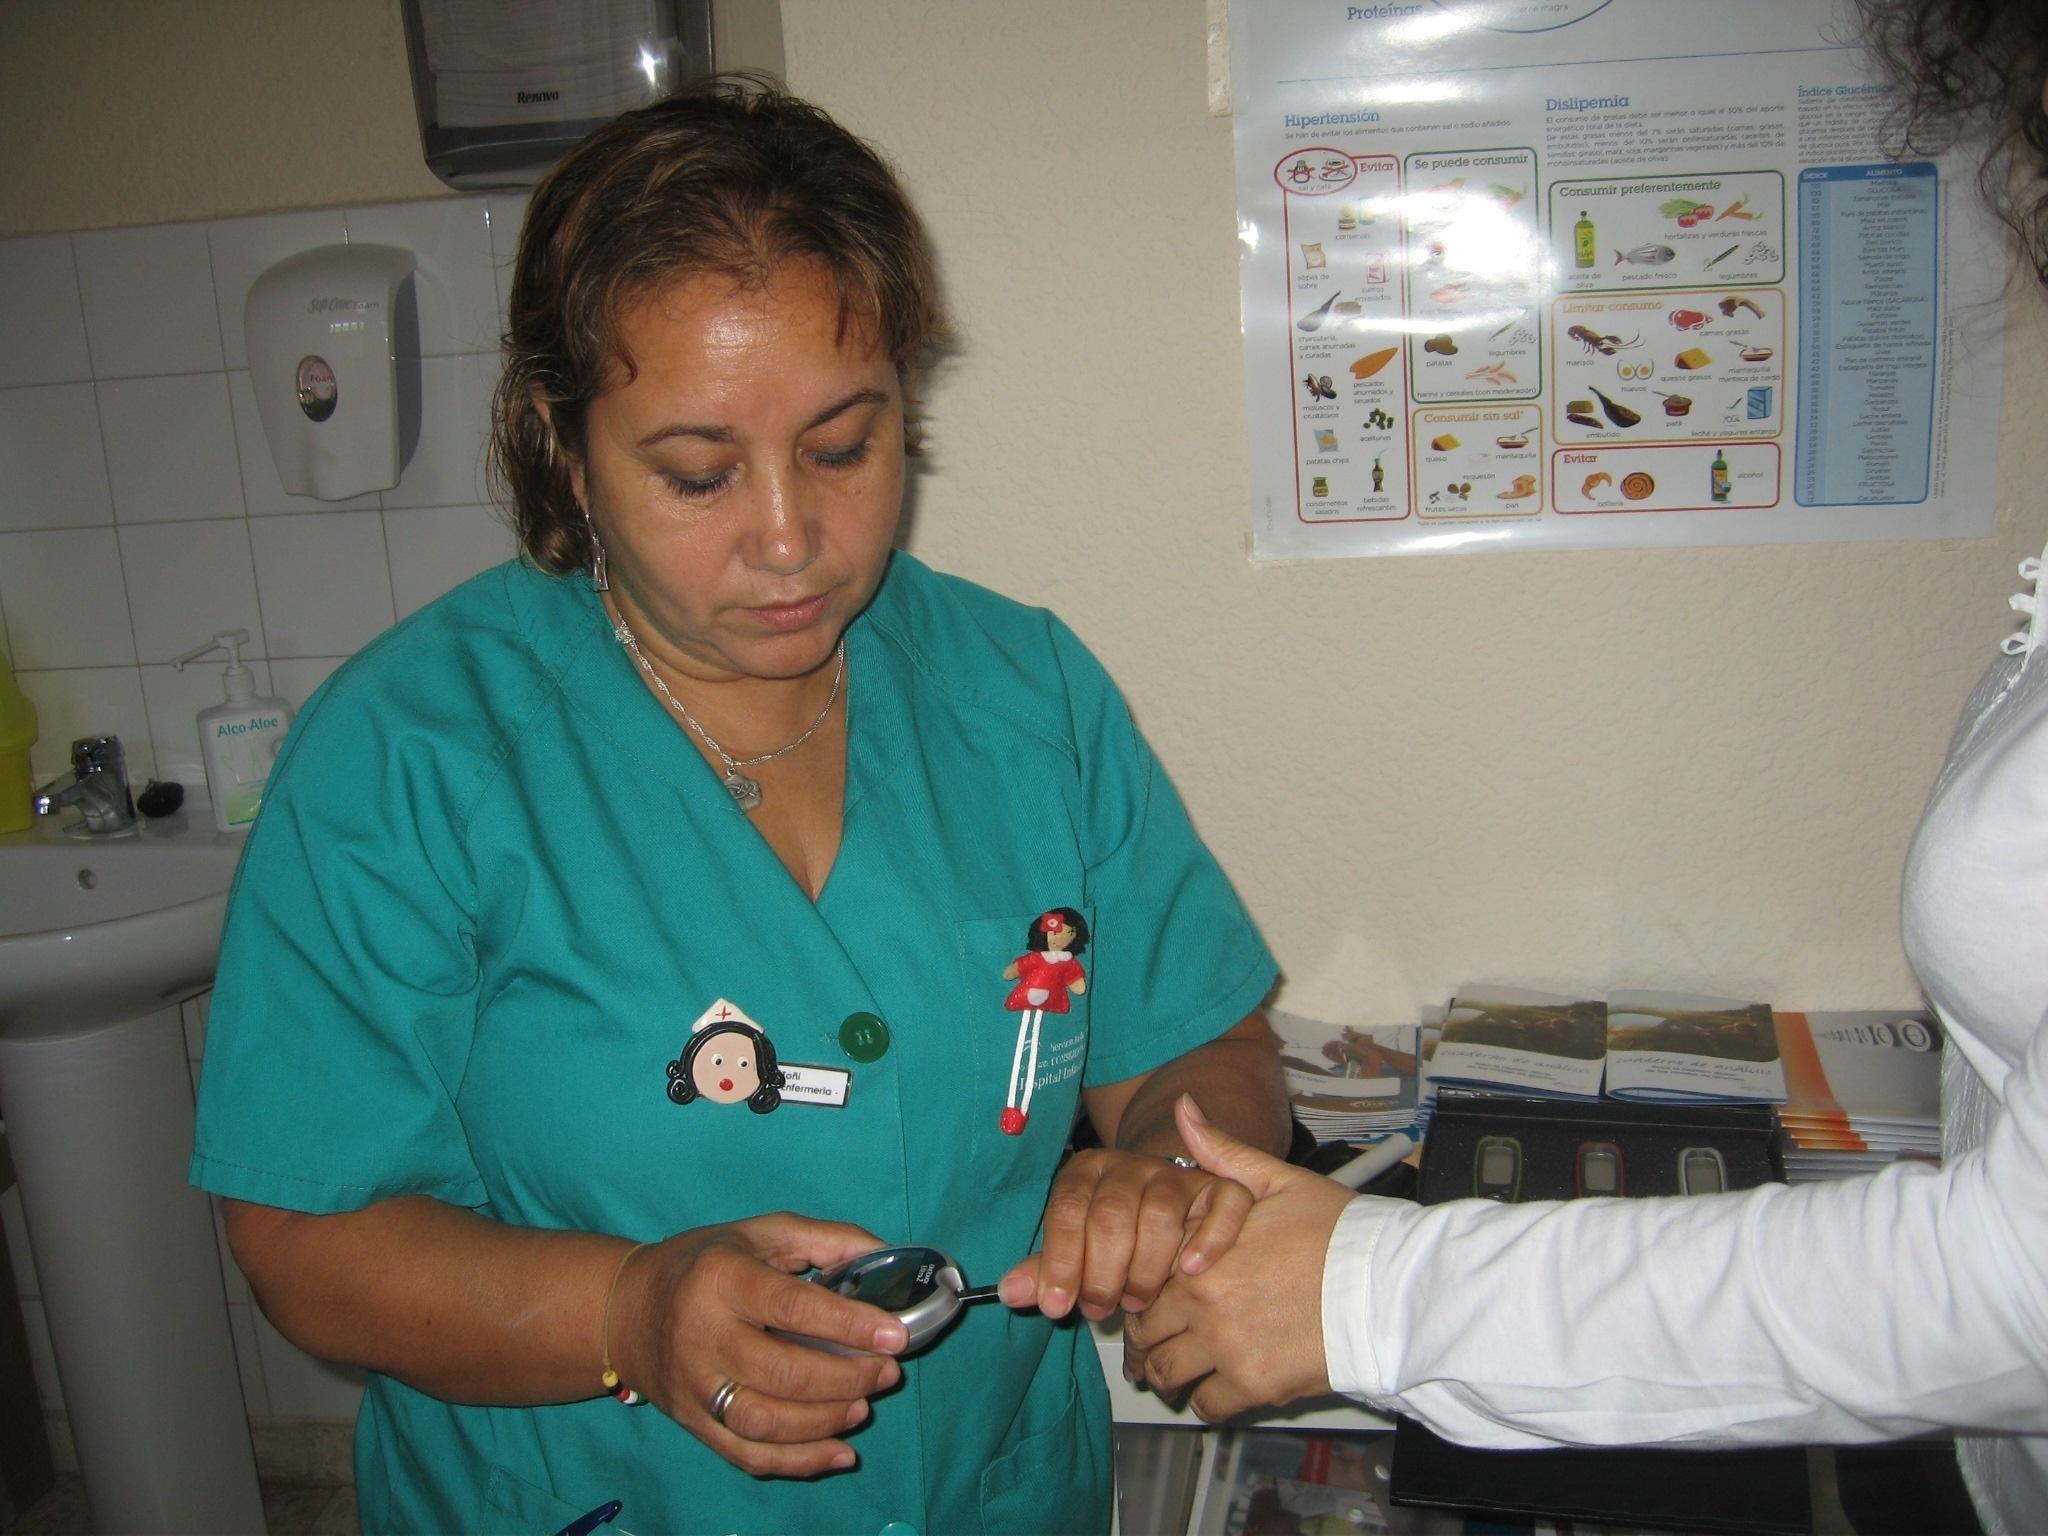 Los enfermeros consideran que la burocracia y la falta de tiempo es lo que más perjudica a ciudadanos y profesionales